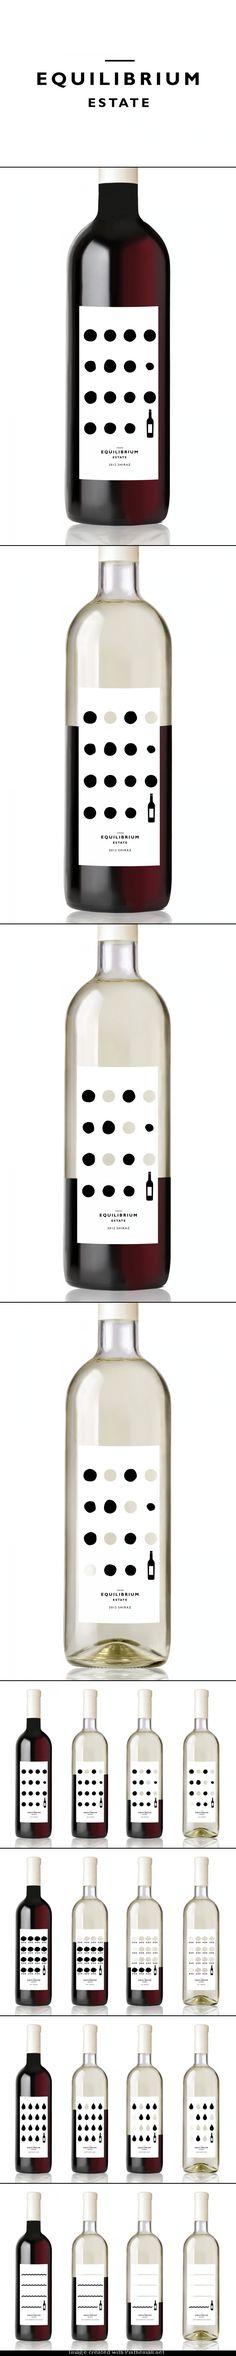 Equilibrium Estate Wine. Australian designer, Gemma Warriner  #maximum #taninotanino